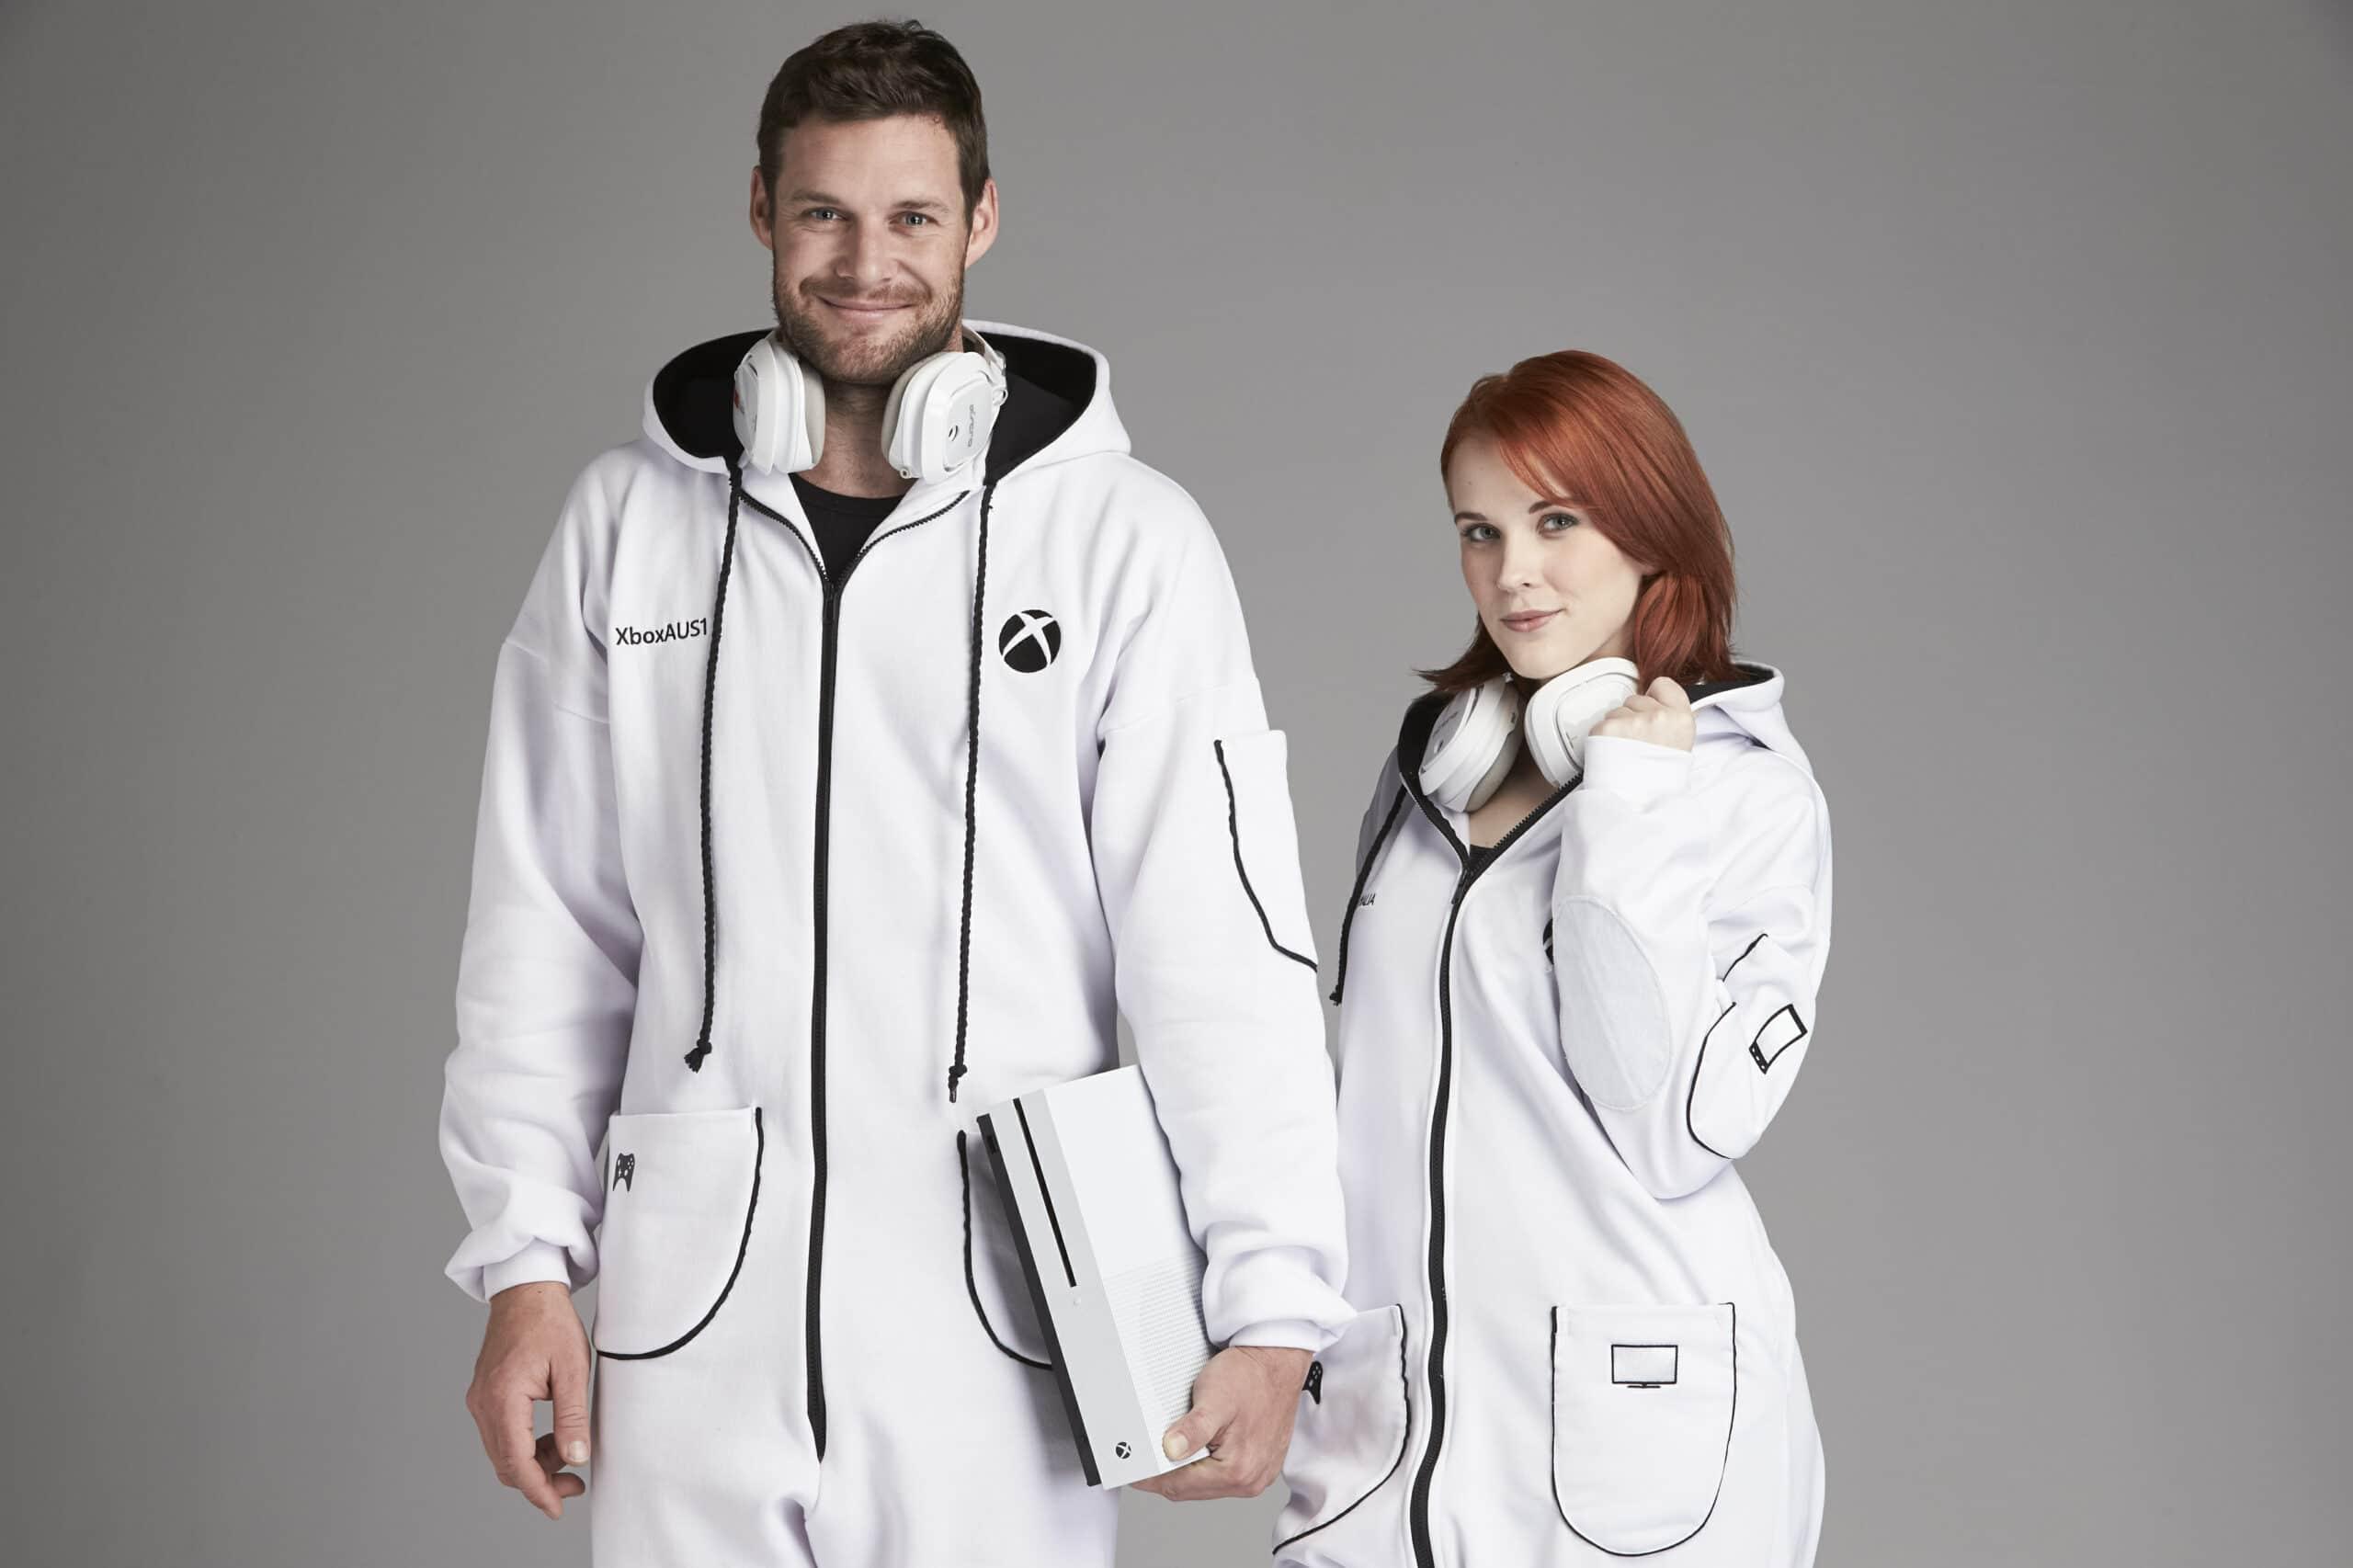 Würdet ihr das anziehen? (Foto: Microsoft)